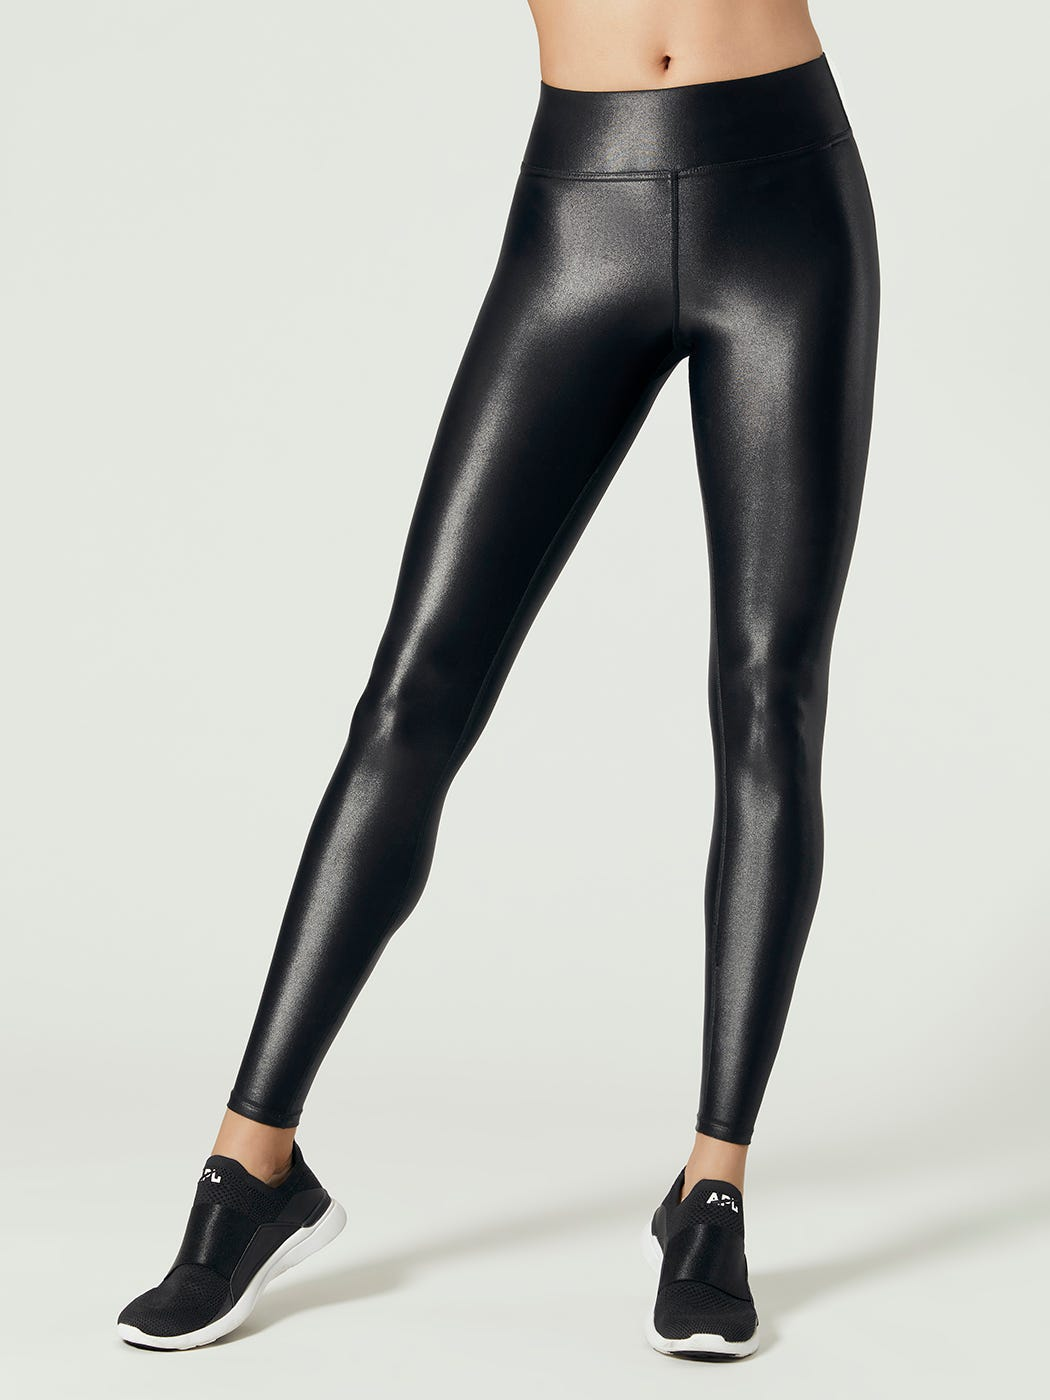 d5b5cfef509 Best Black Leggings - Reviews On Top Brands   Styles